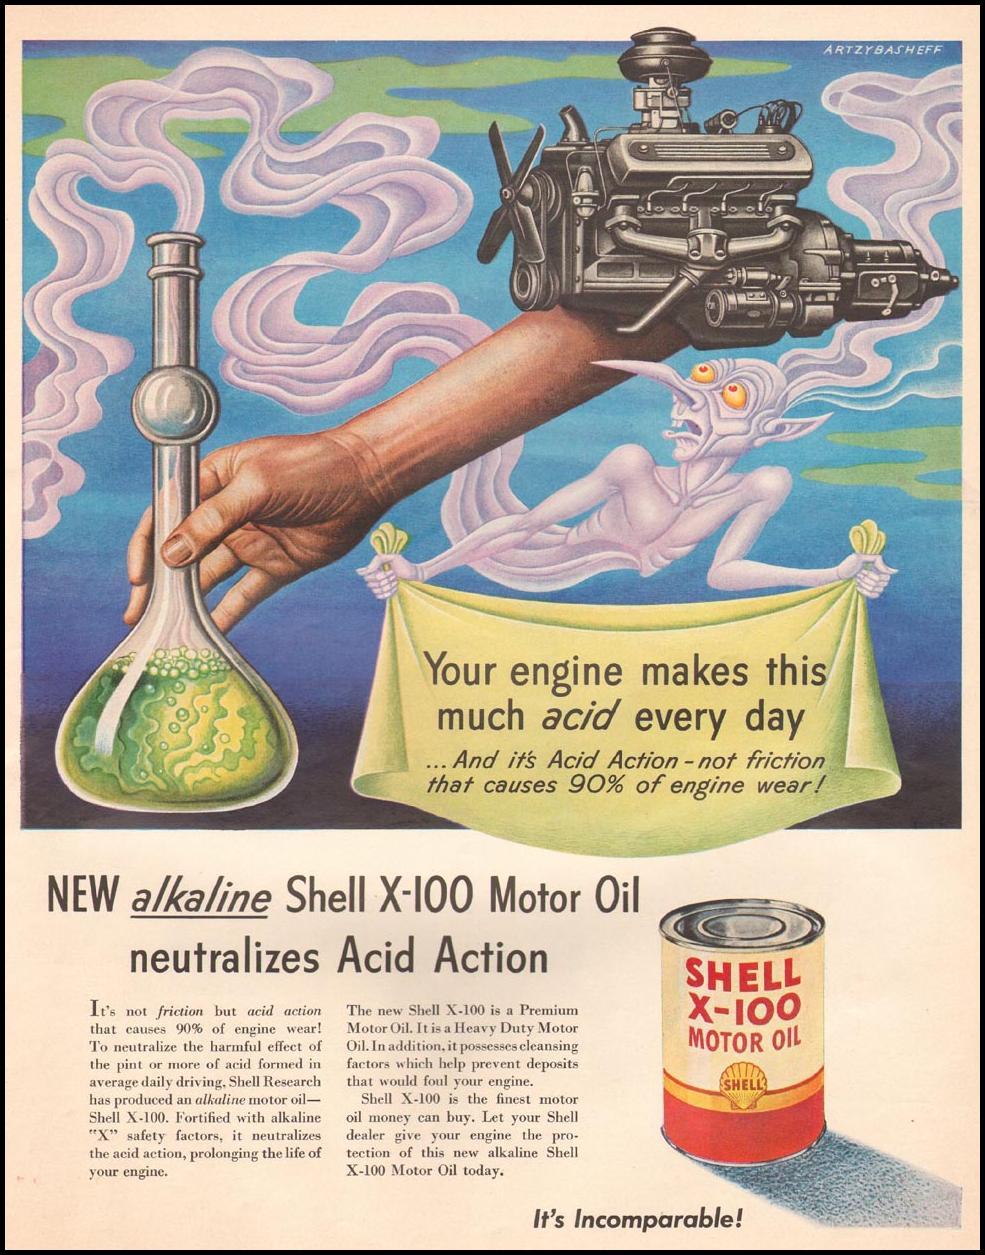 SHELL X-100 MOTOR OIL LIFE 10/01/1951